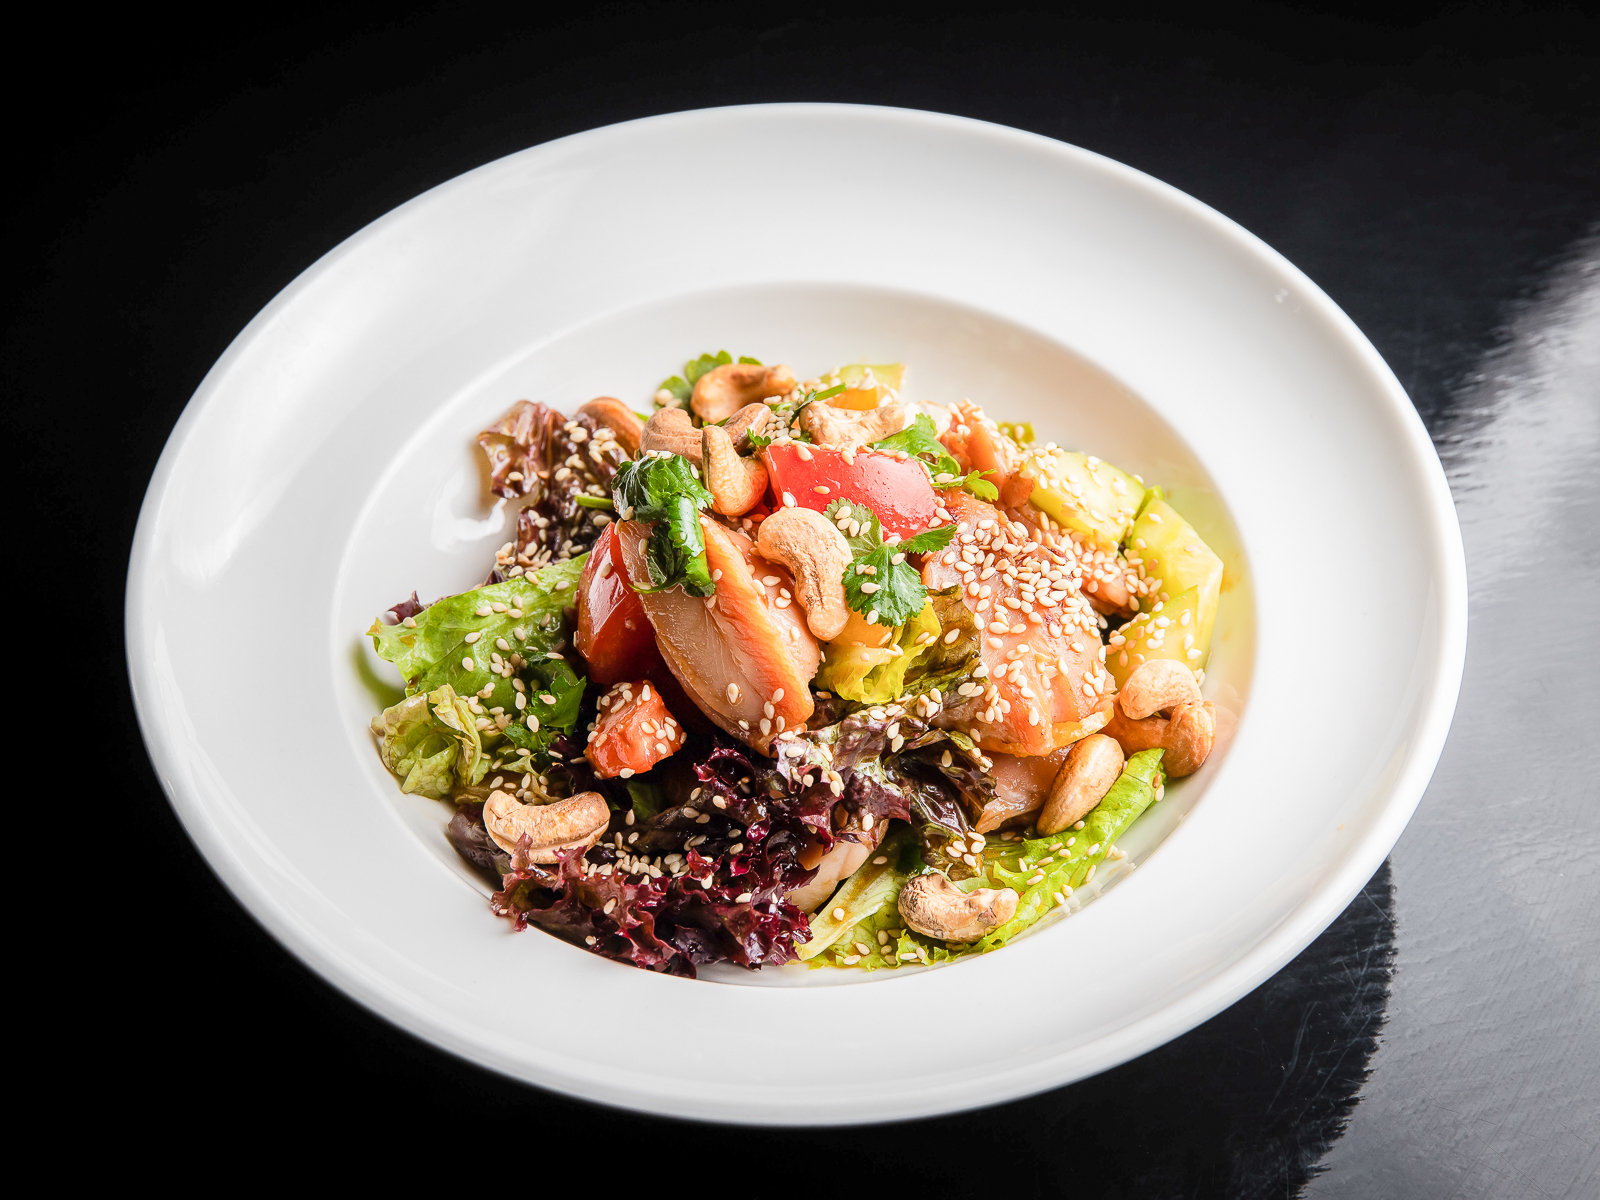 Салат с курицей в соево-цитрусовой заправке